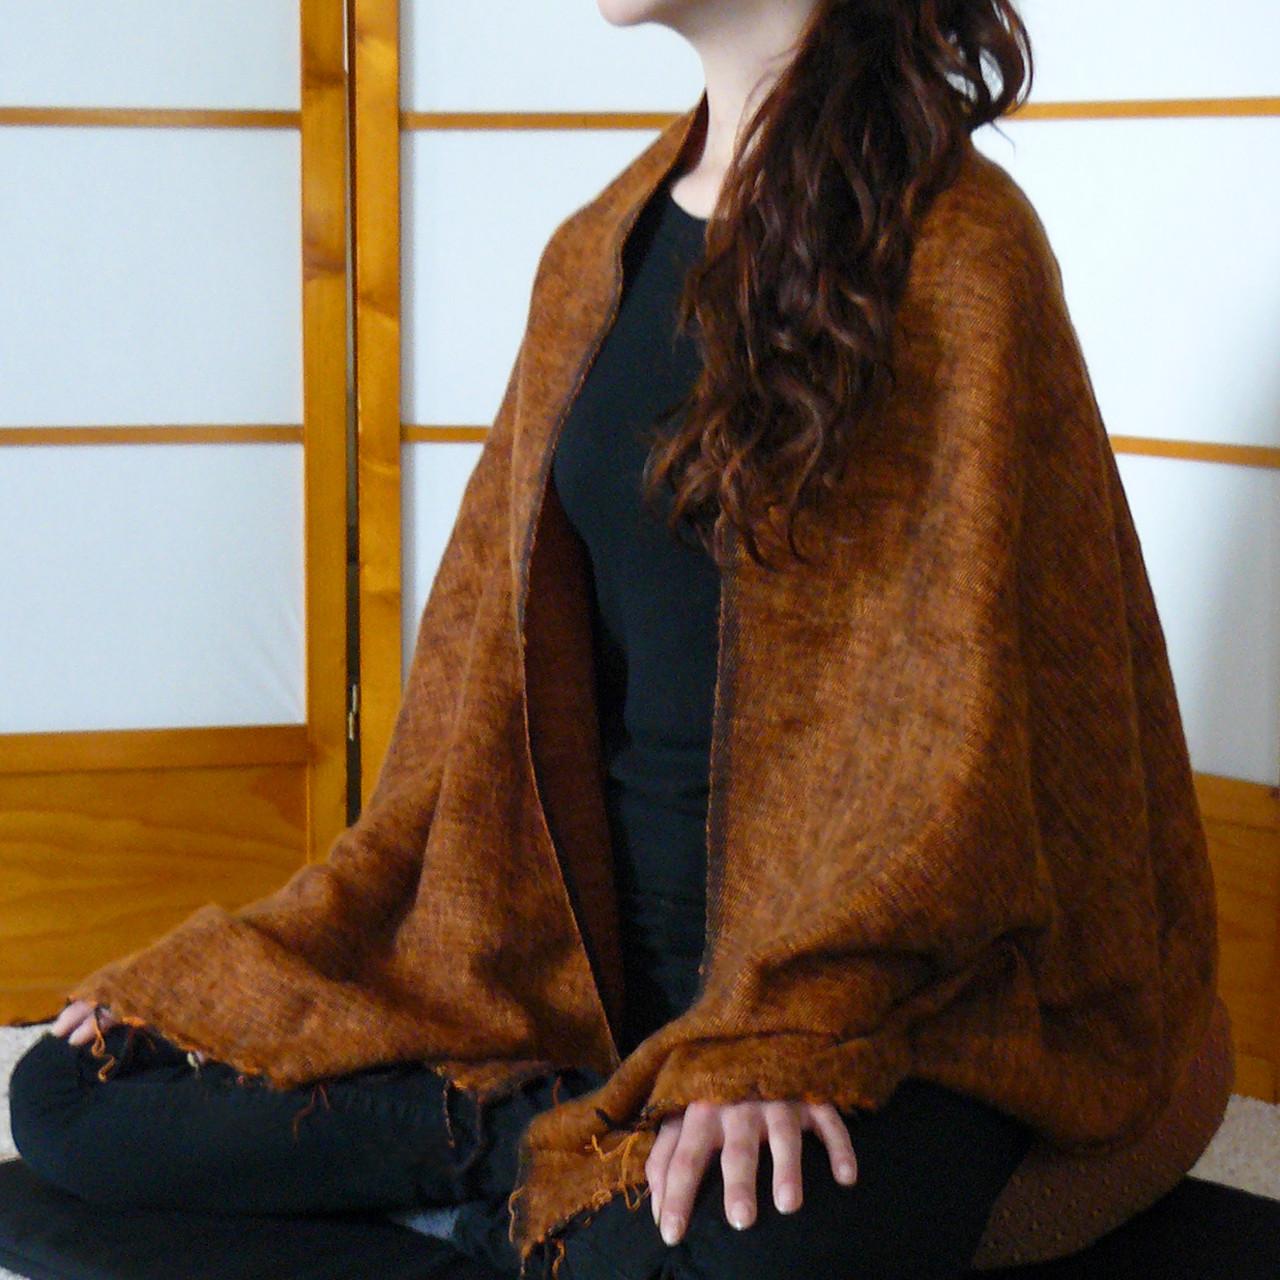 Cinnamon woolen shawl for meditation